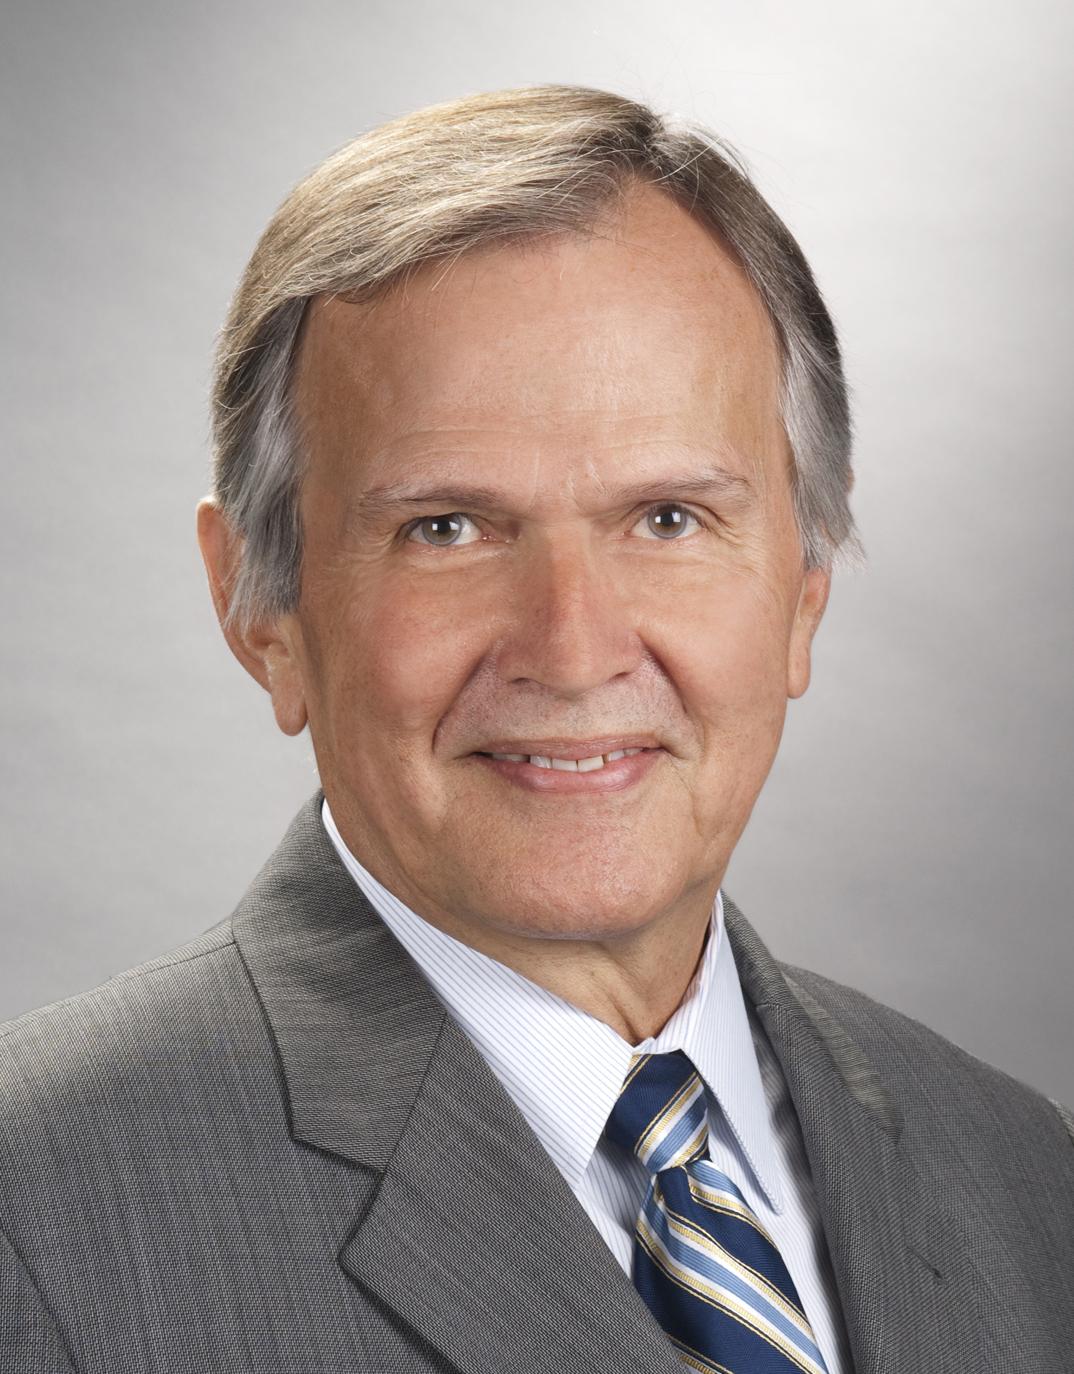 Jim McCarten